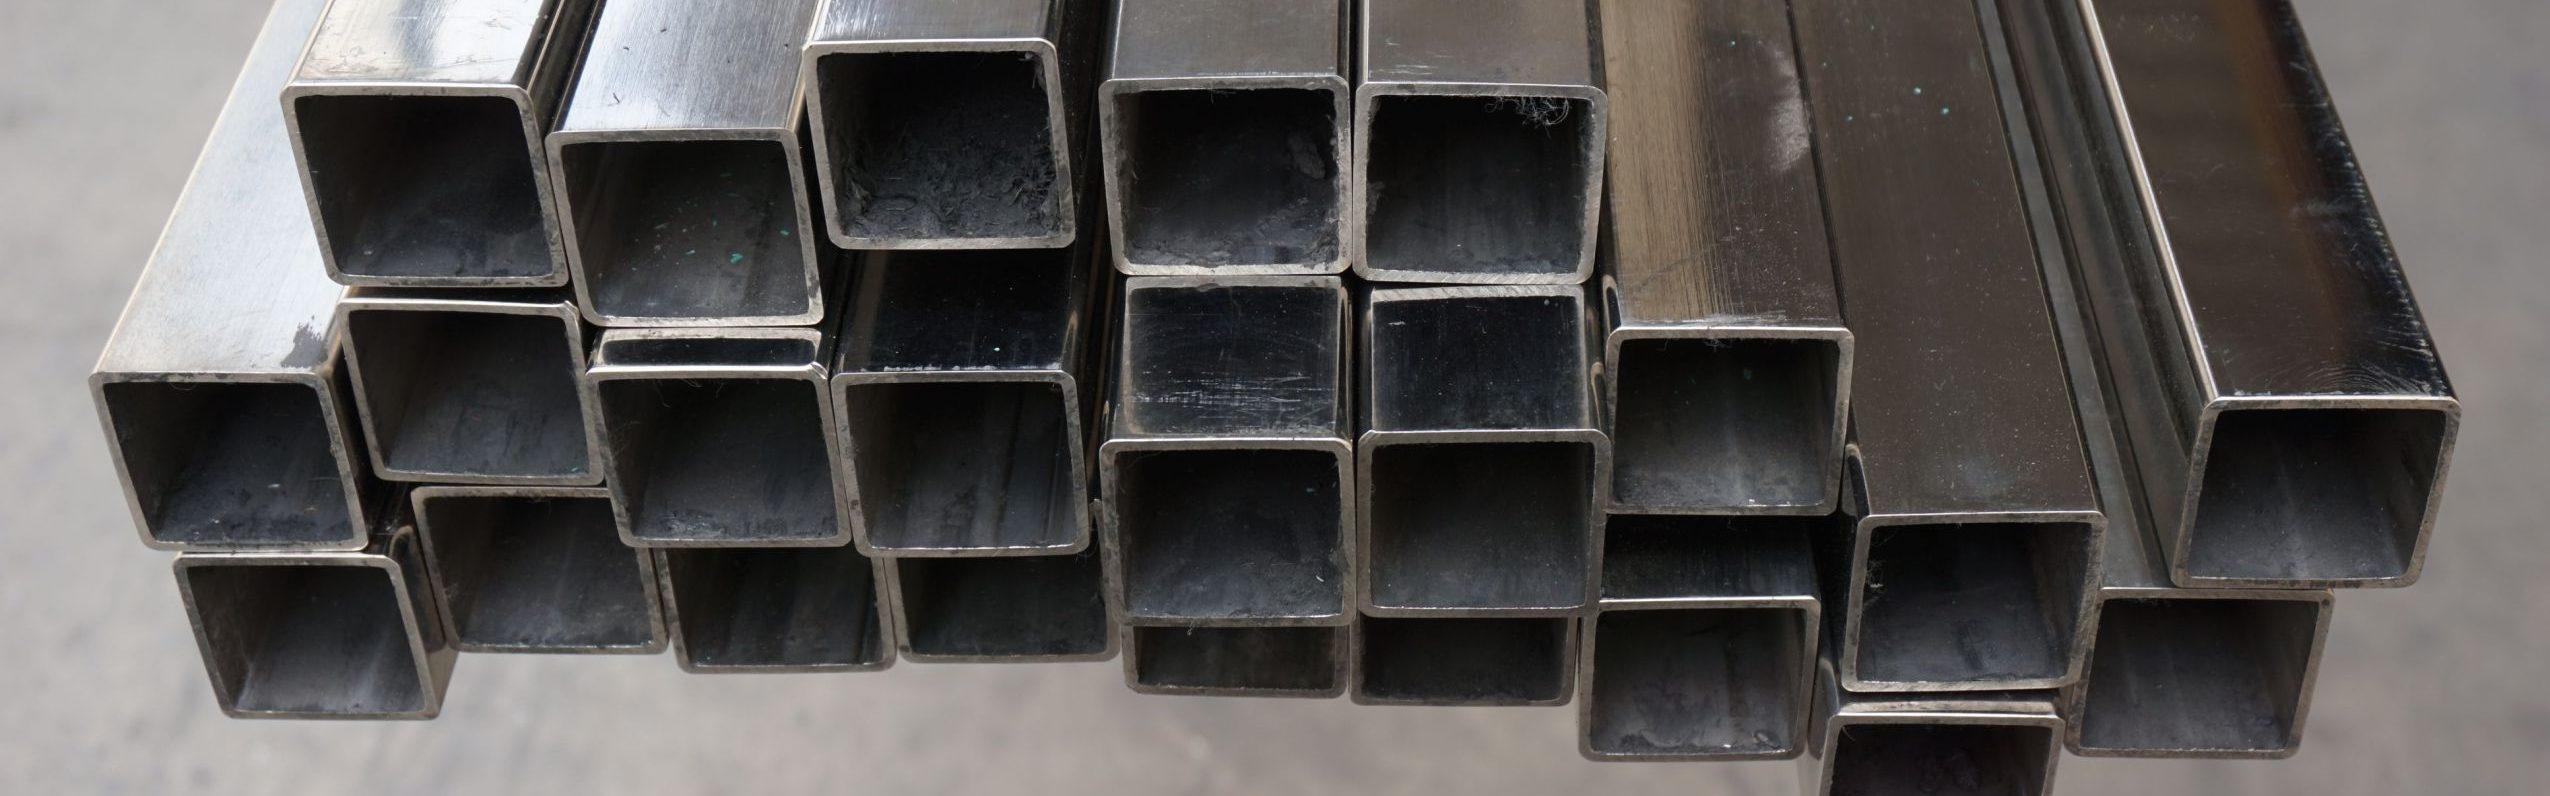 Wilno Rustfri ApS - Rustfrit stål AISI 304